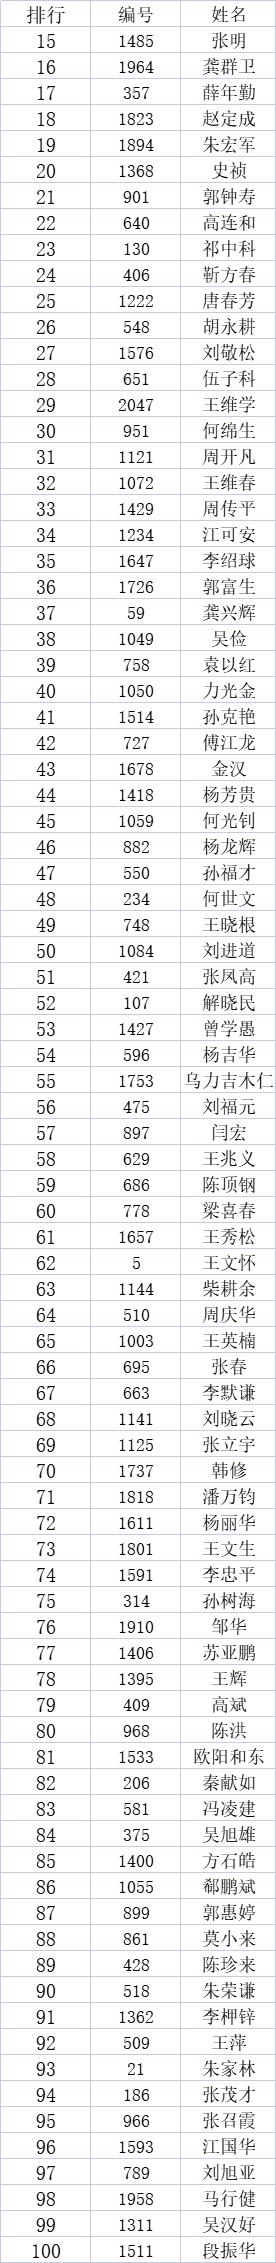 """2021年""""现代名家·墨染中华杯""""全国书画艺术大赛获奖名单公布!-第5张"""